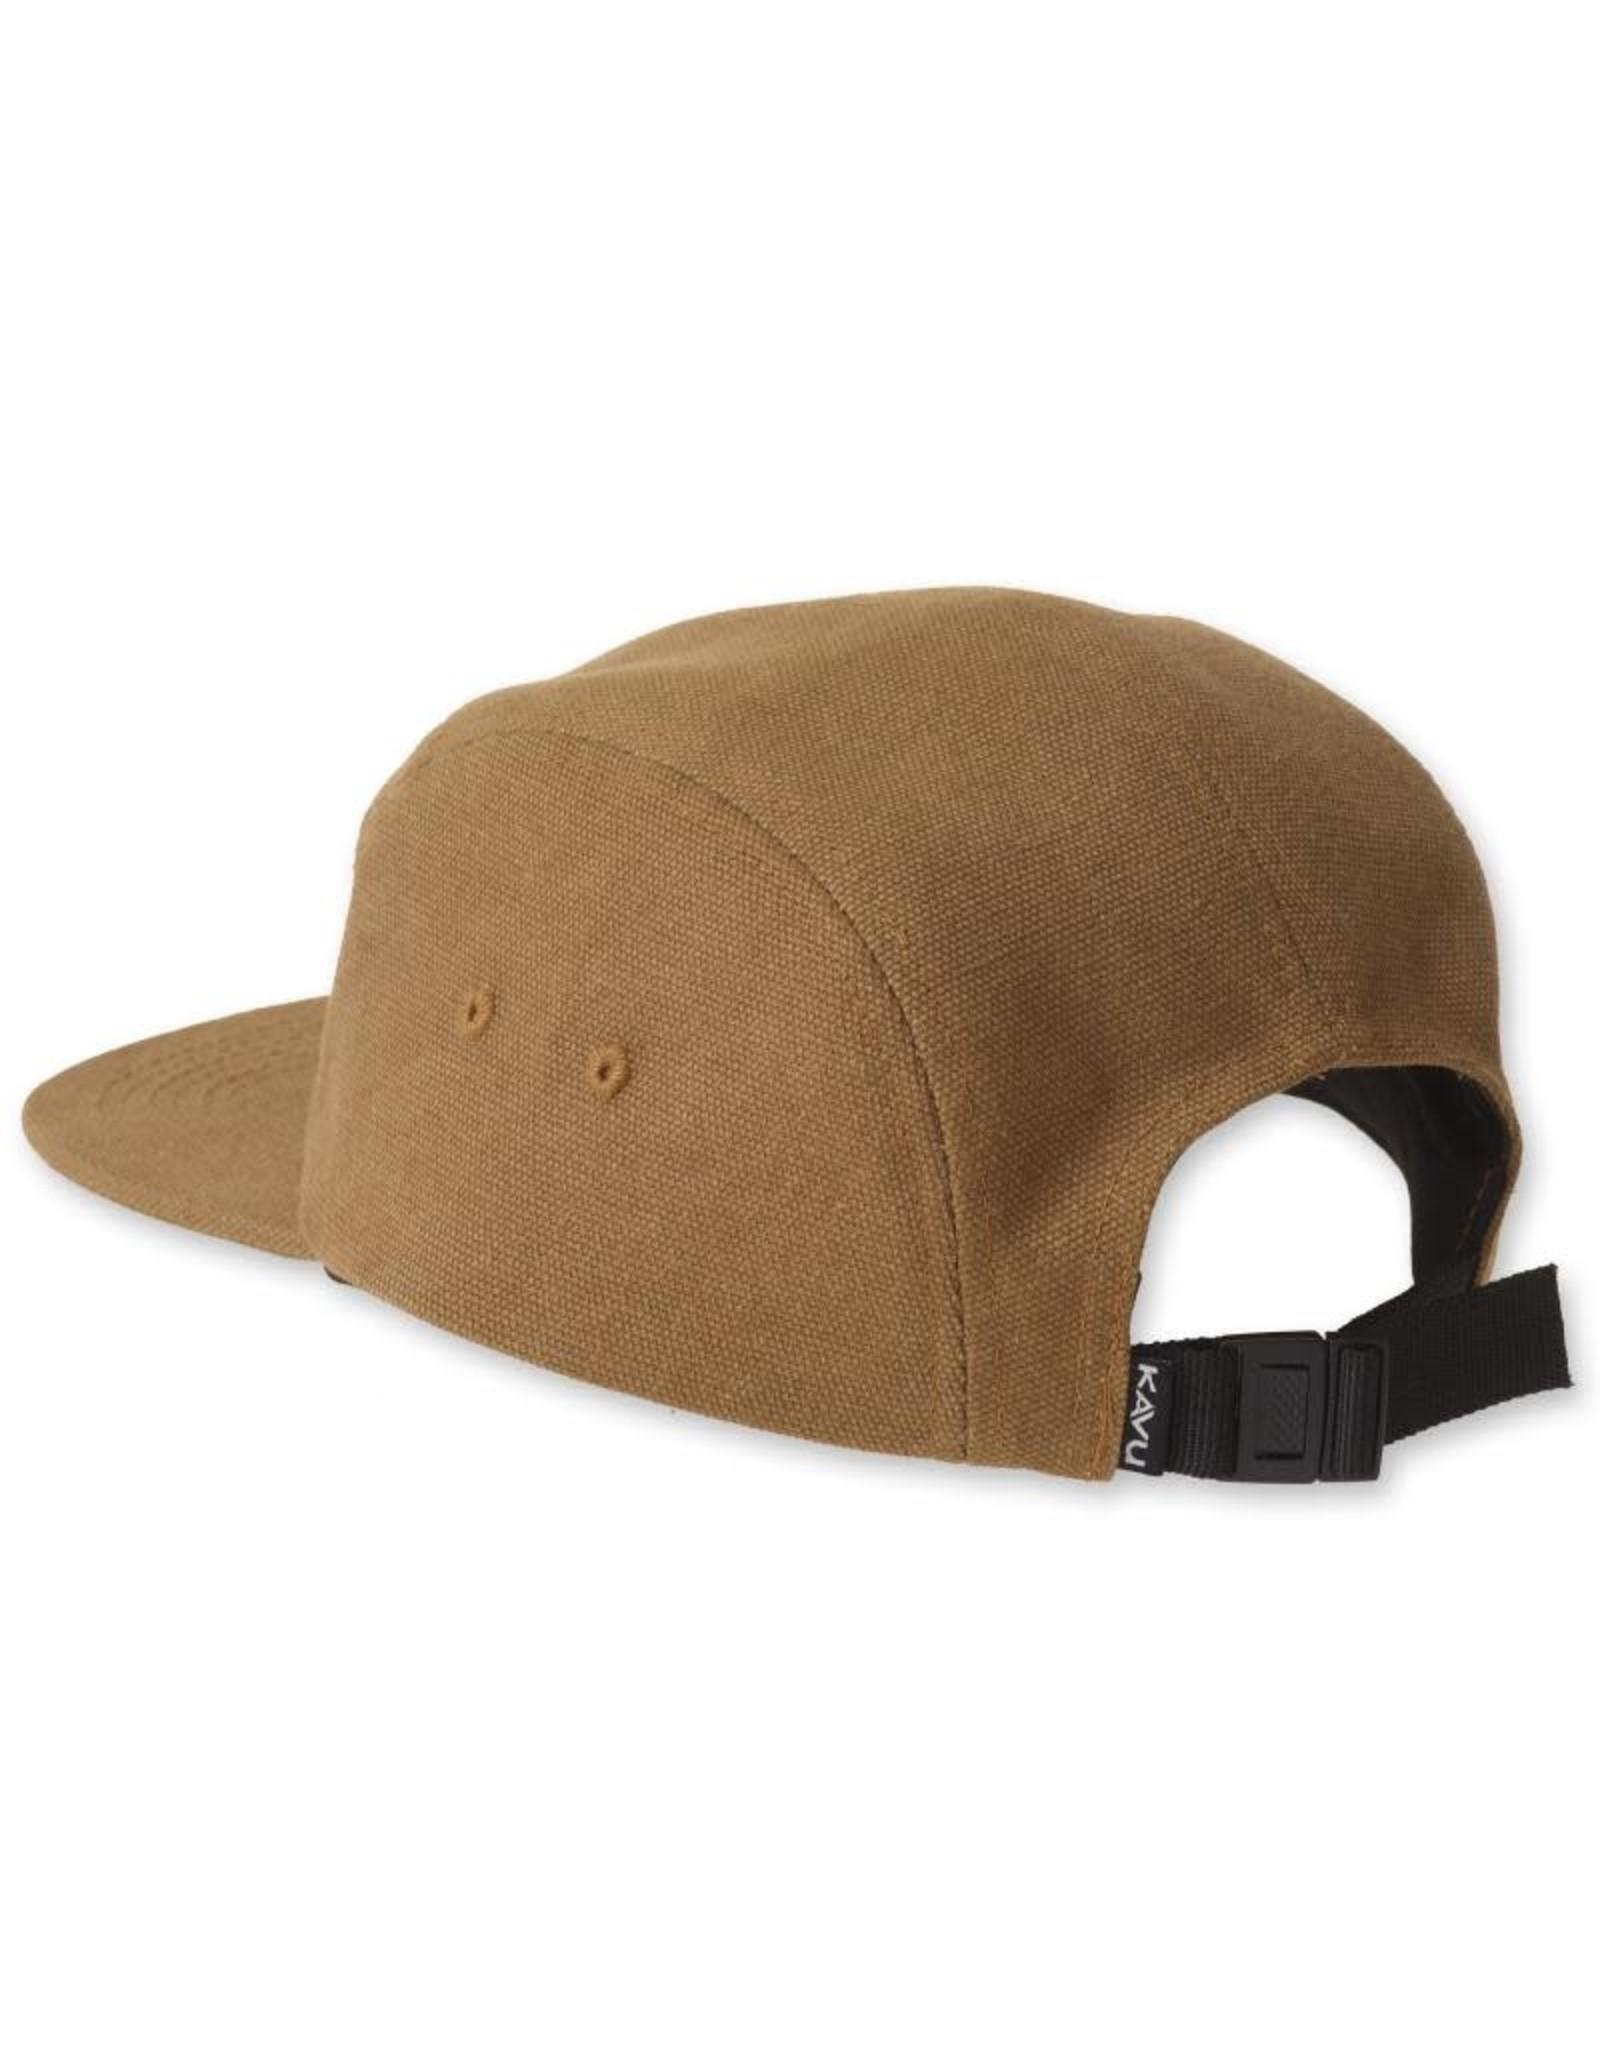 KAVU Fade Fad Hat